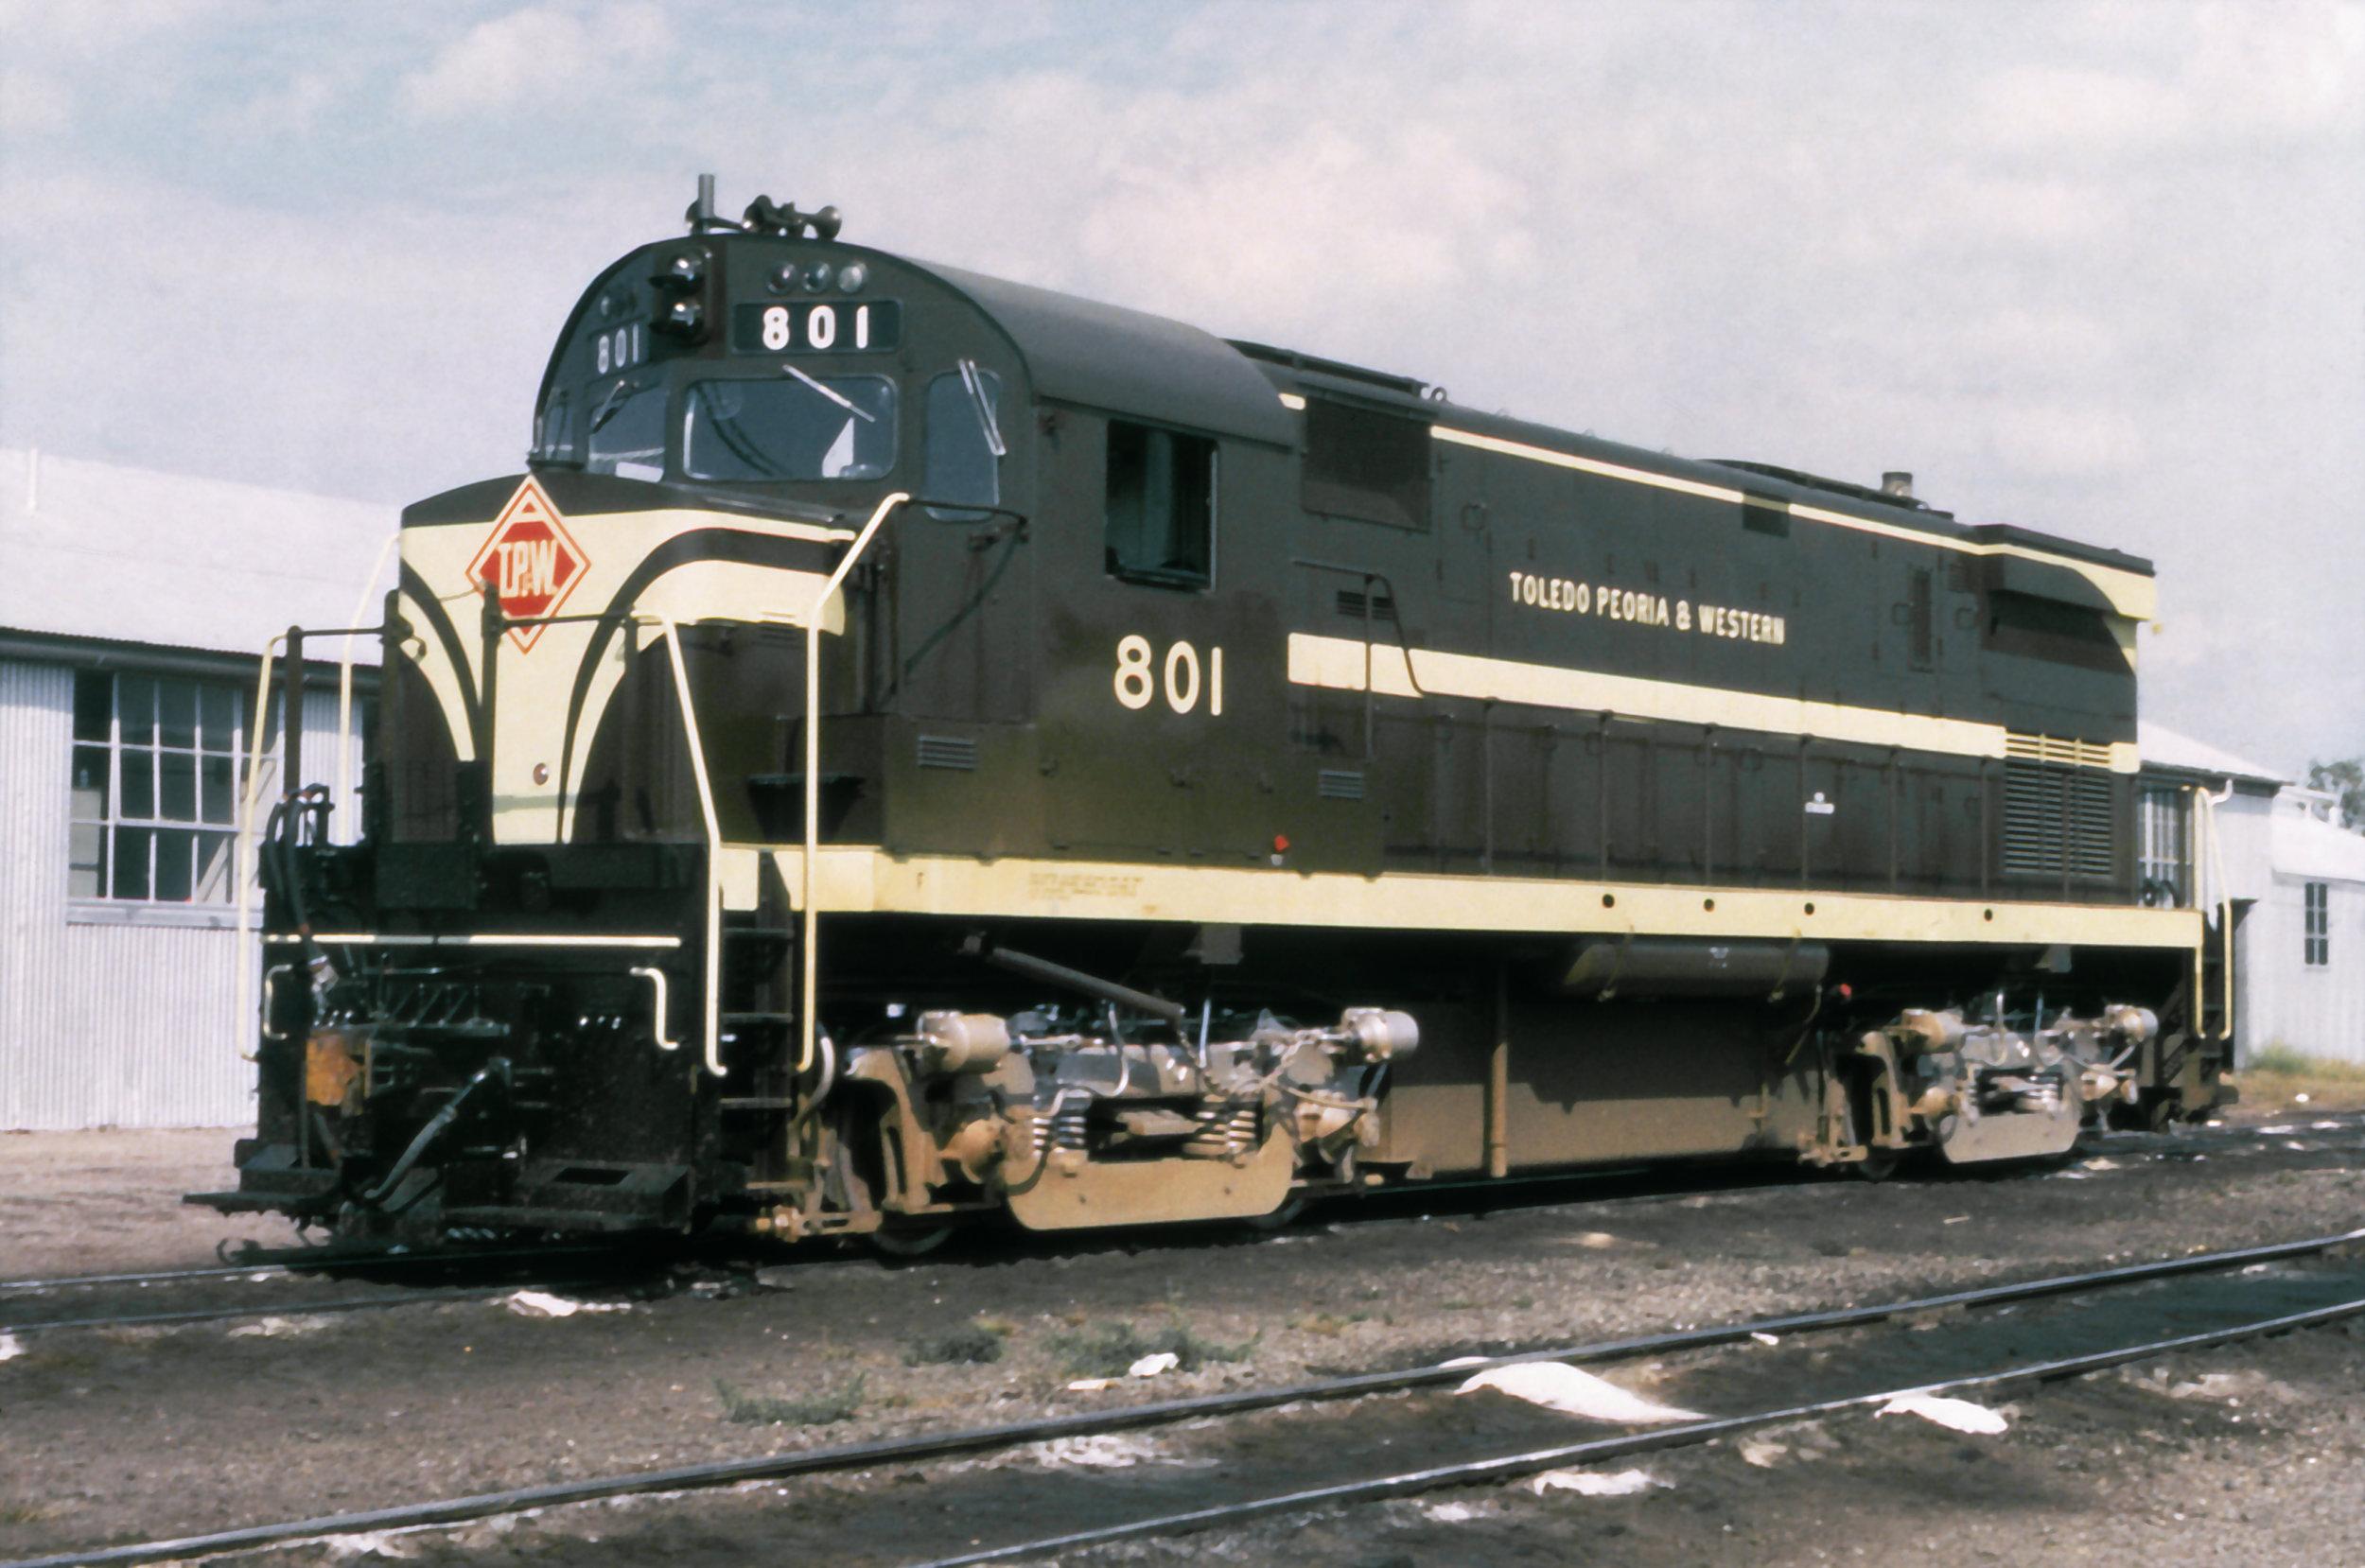 TP&W 801 (M&E 19) circa 1964.